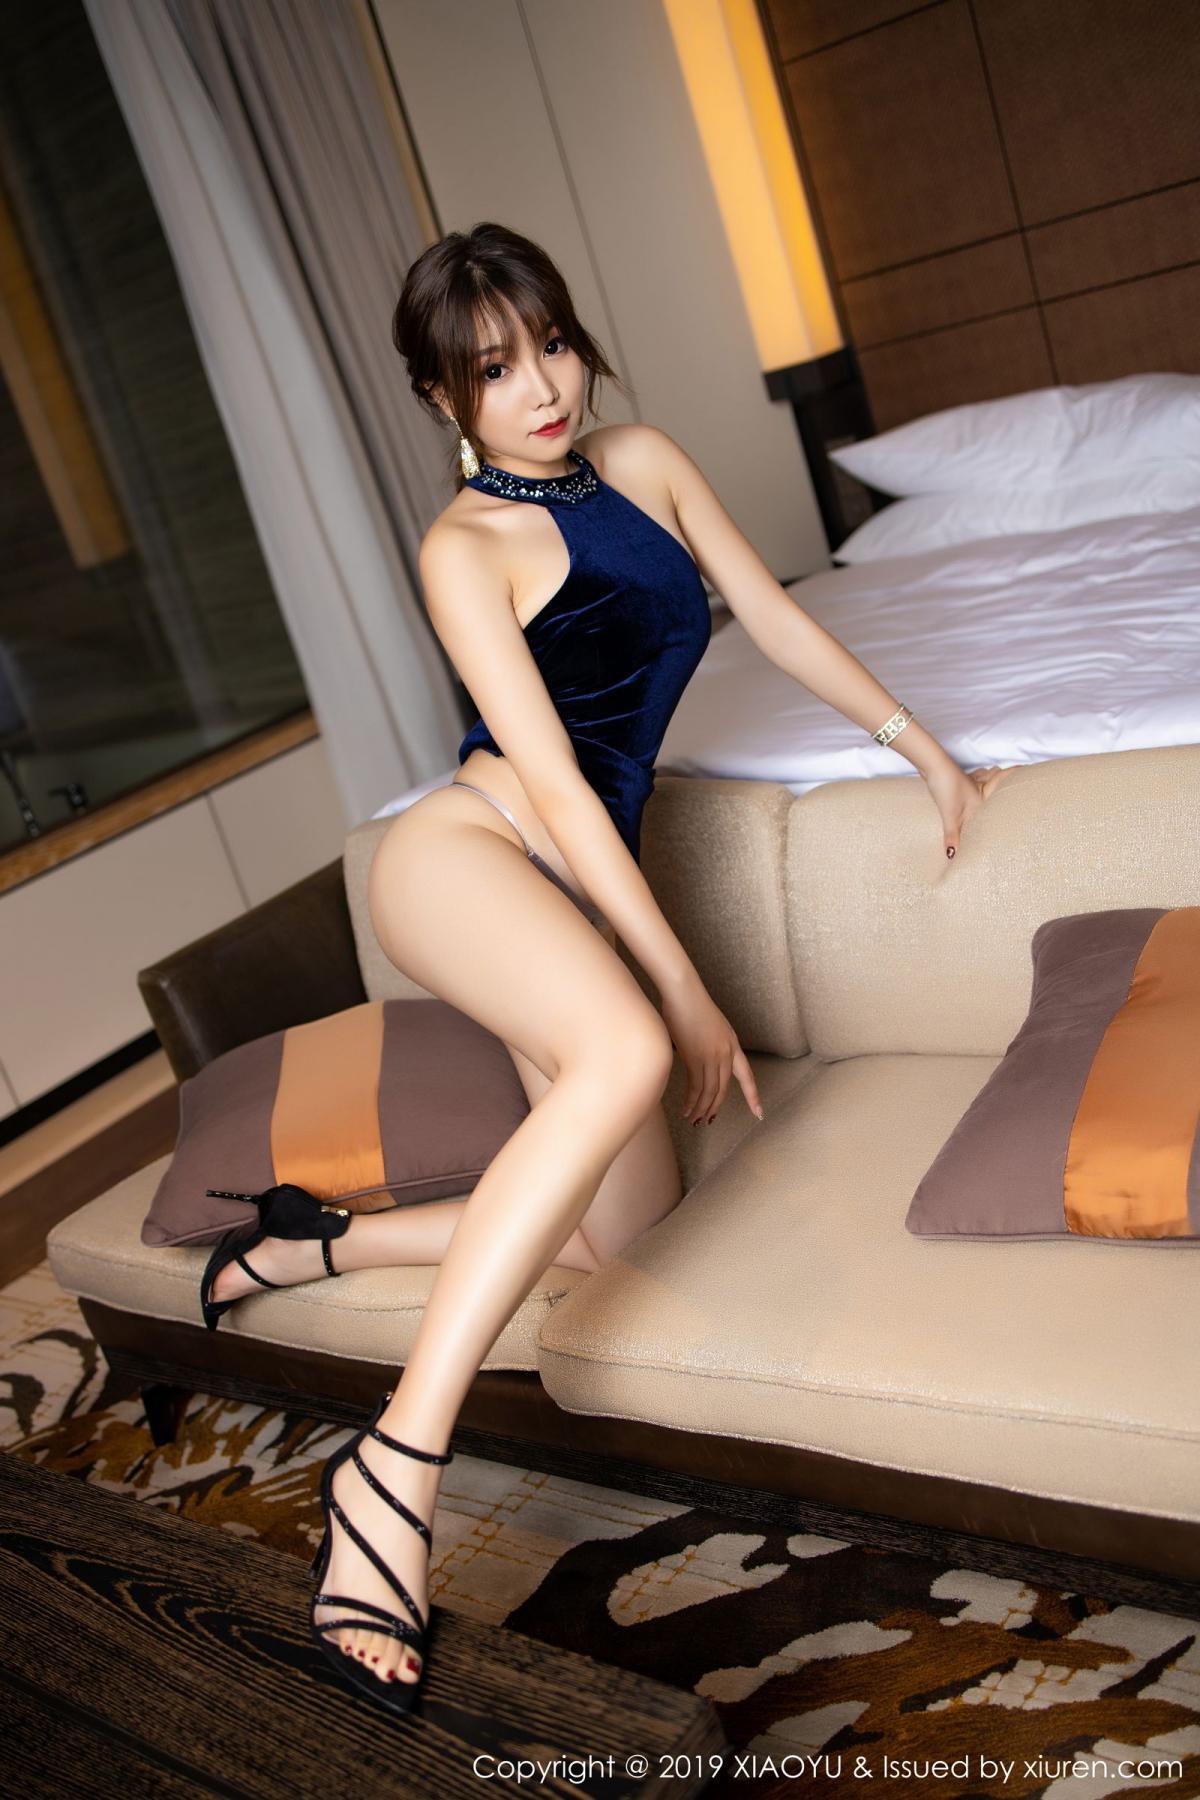 [XiaoYu] Vol.192 Chen Zhi 22P, Chen Zhi, Cheongsam, Tall, XiaoYu